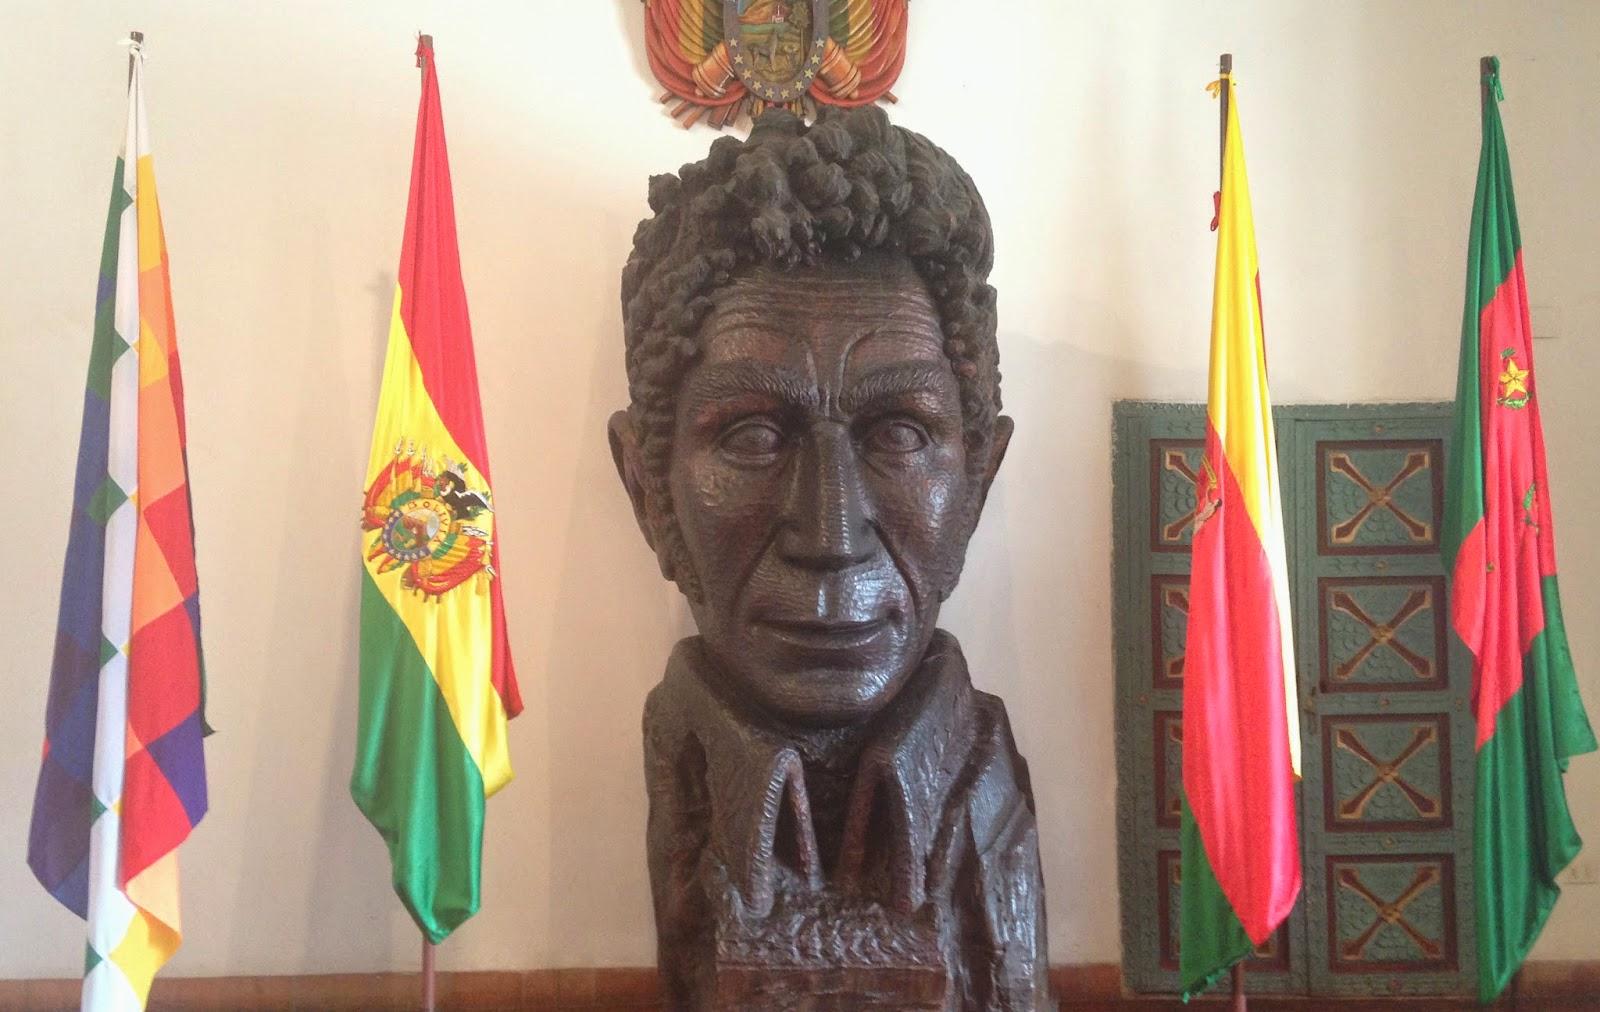 sucre libertad museo simon bolivar bolivia